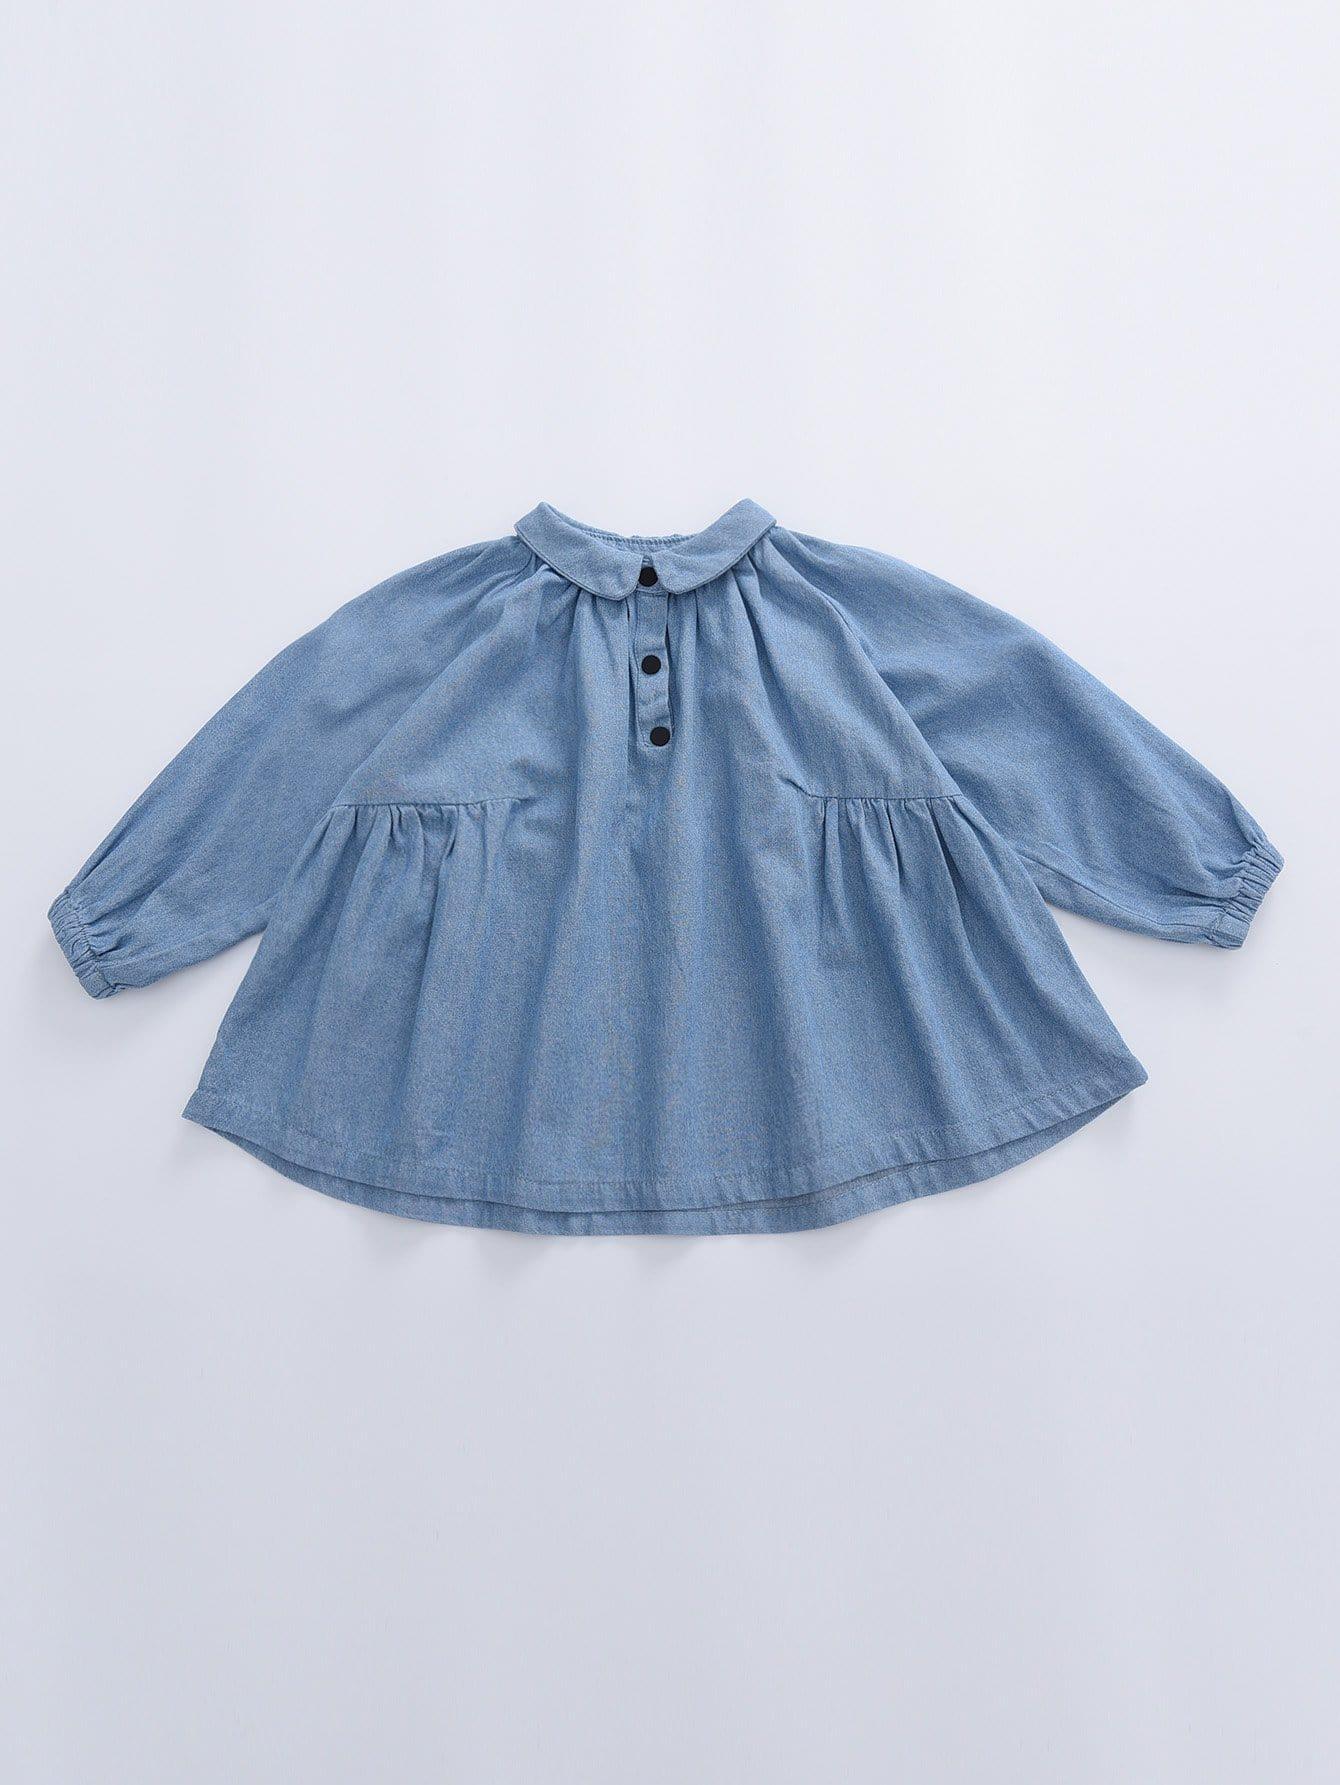 Купить Повседневный Одноцветный Пуговица Синий Блузы для девочек, null, SheIn